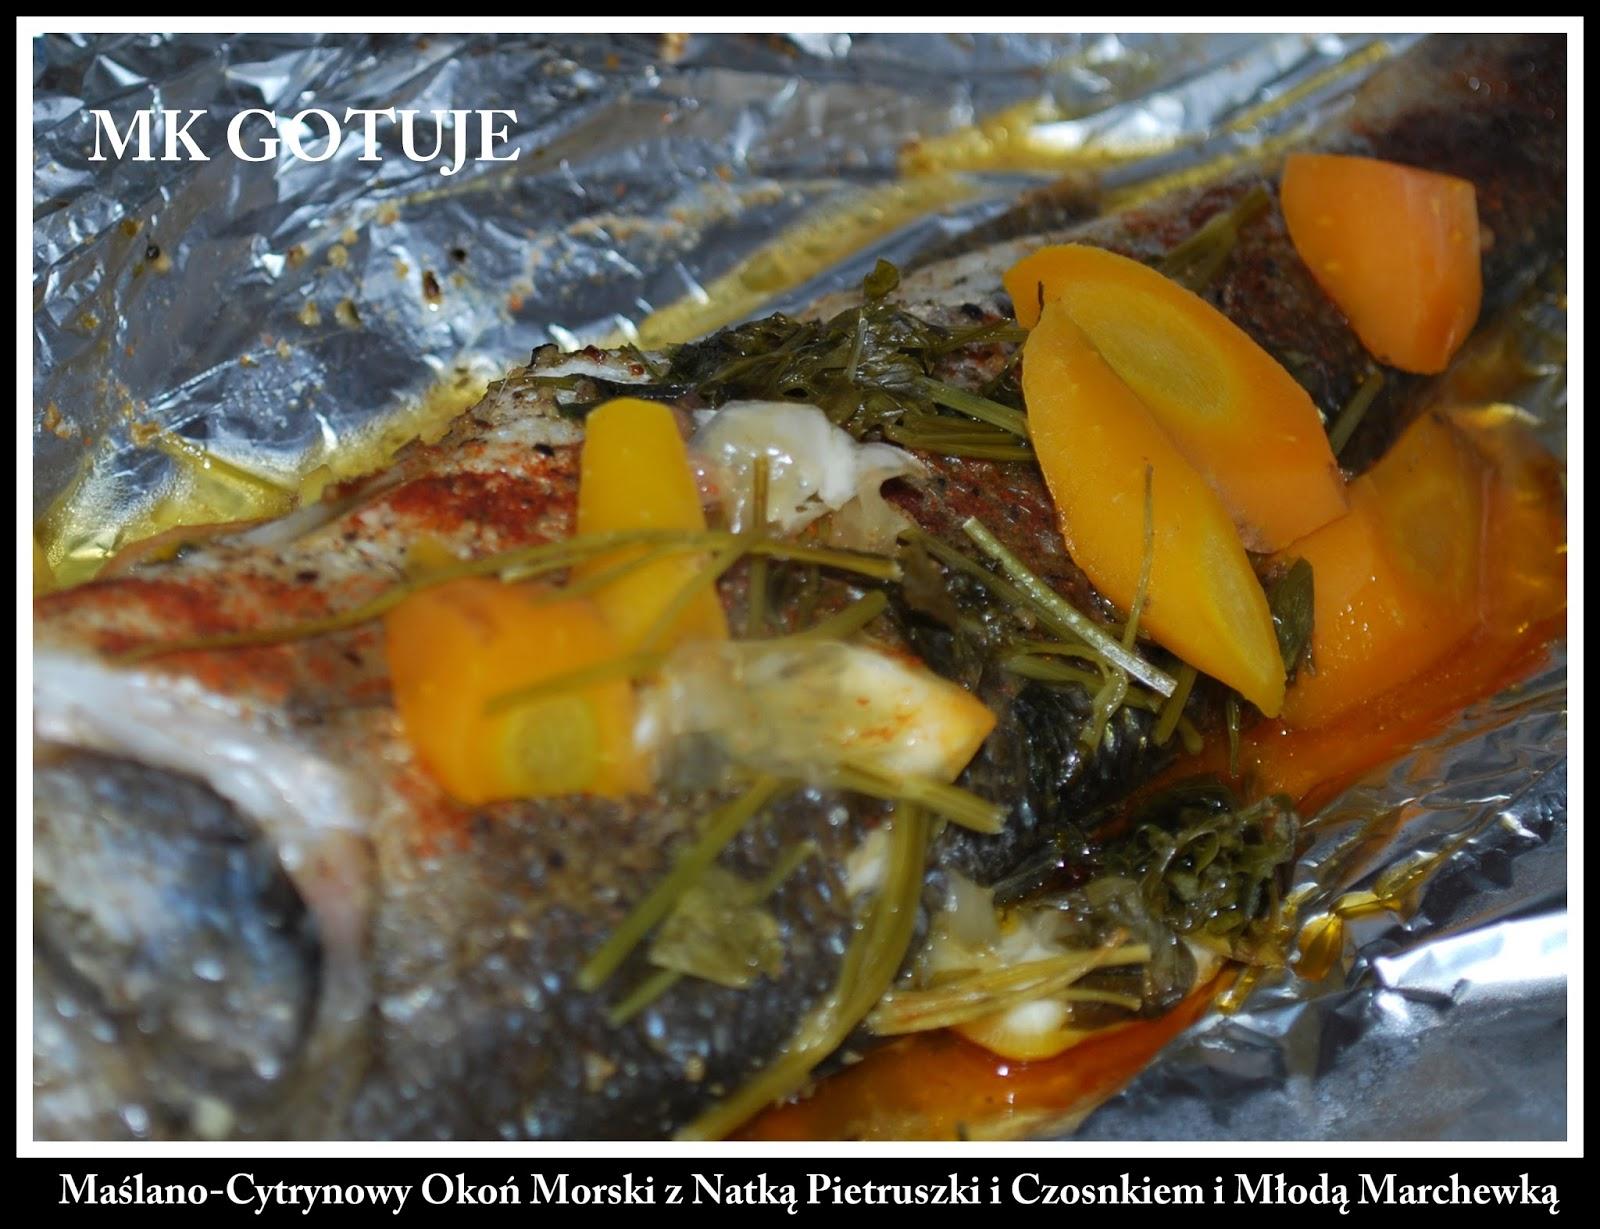 maslano-cytrynowy-okon-morski-z-natka-pietruszki-i-czosnkiem-i-mloda-marchewka